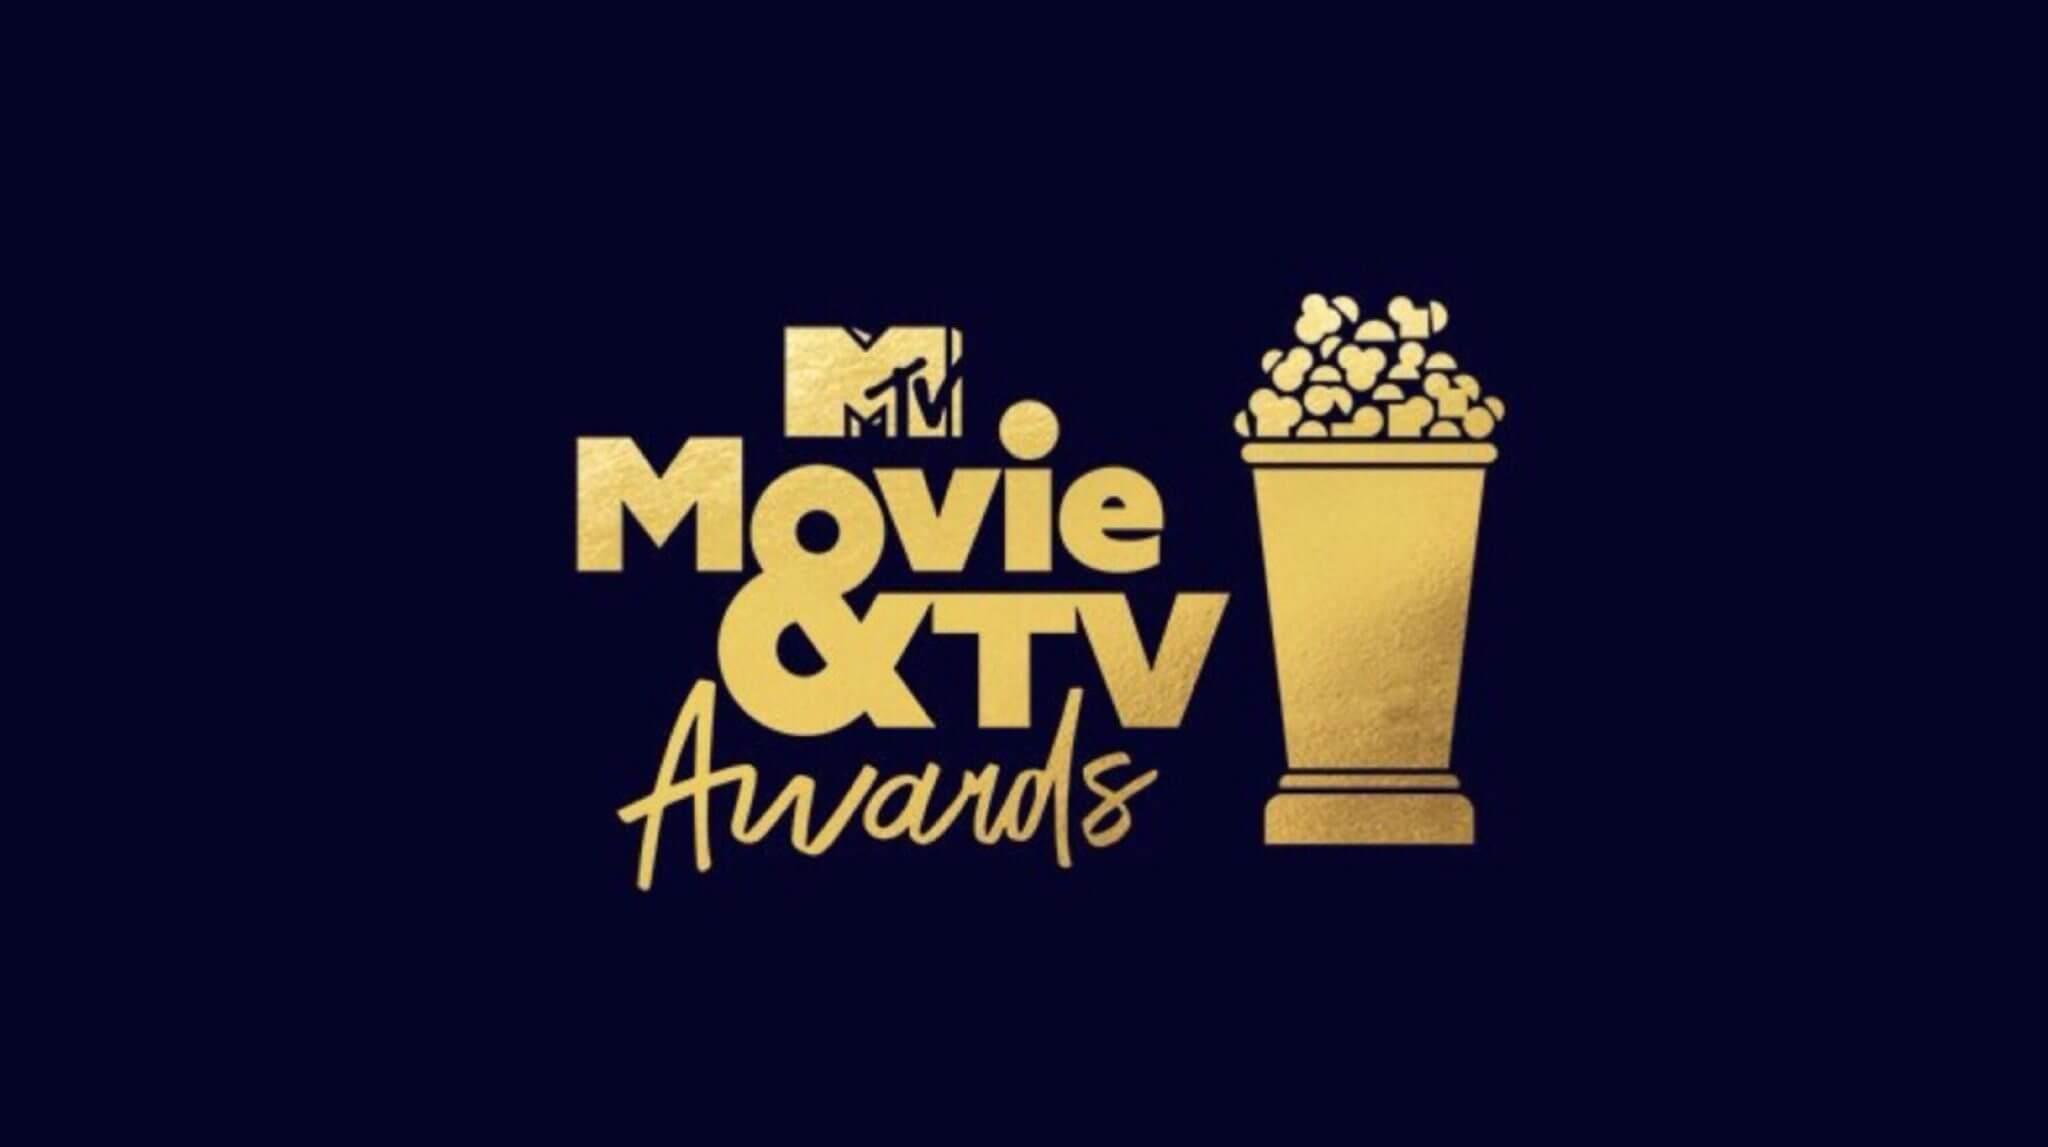 Pantera Negra e Stranger Things são destaque entre os indicados na premiação da MTV deste ano